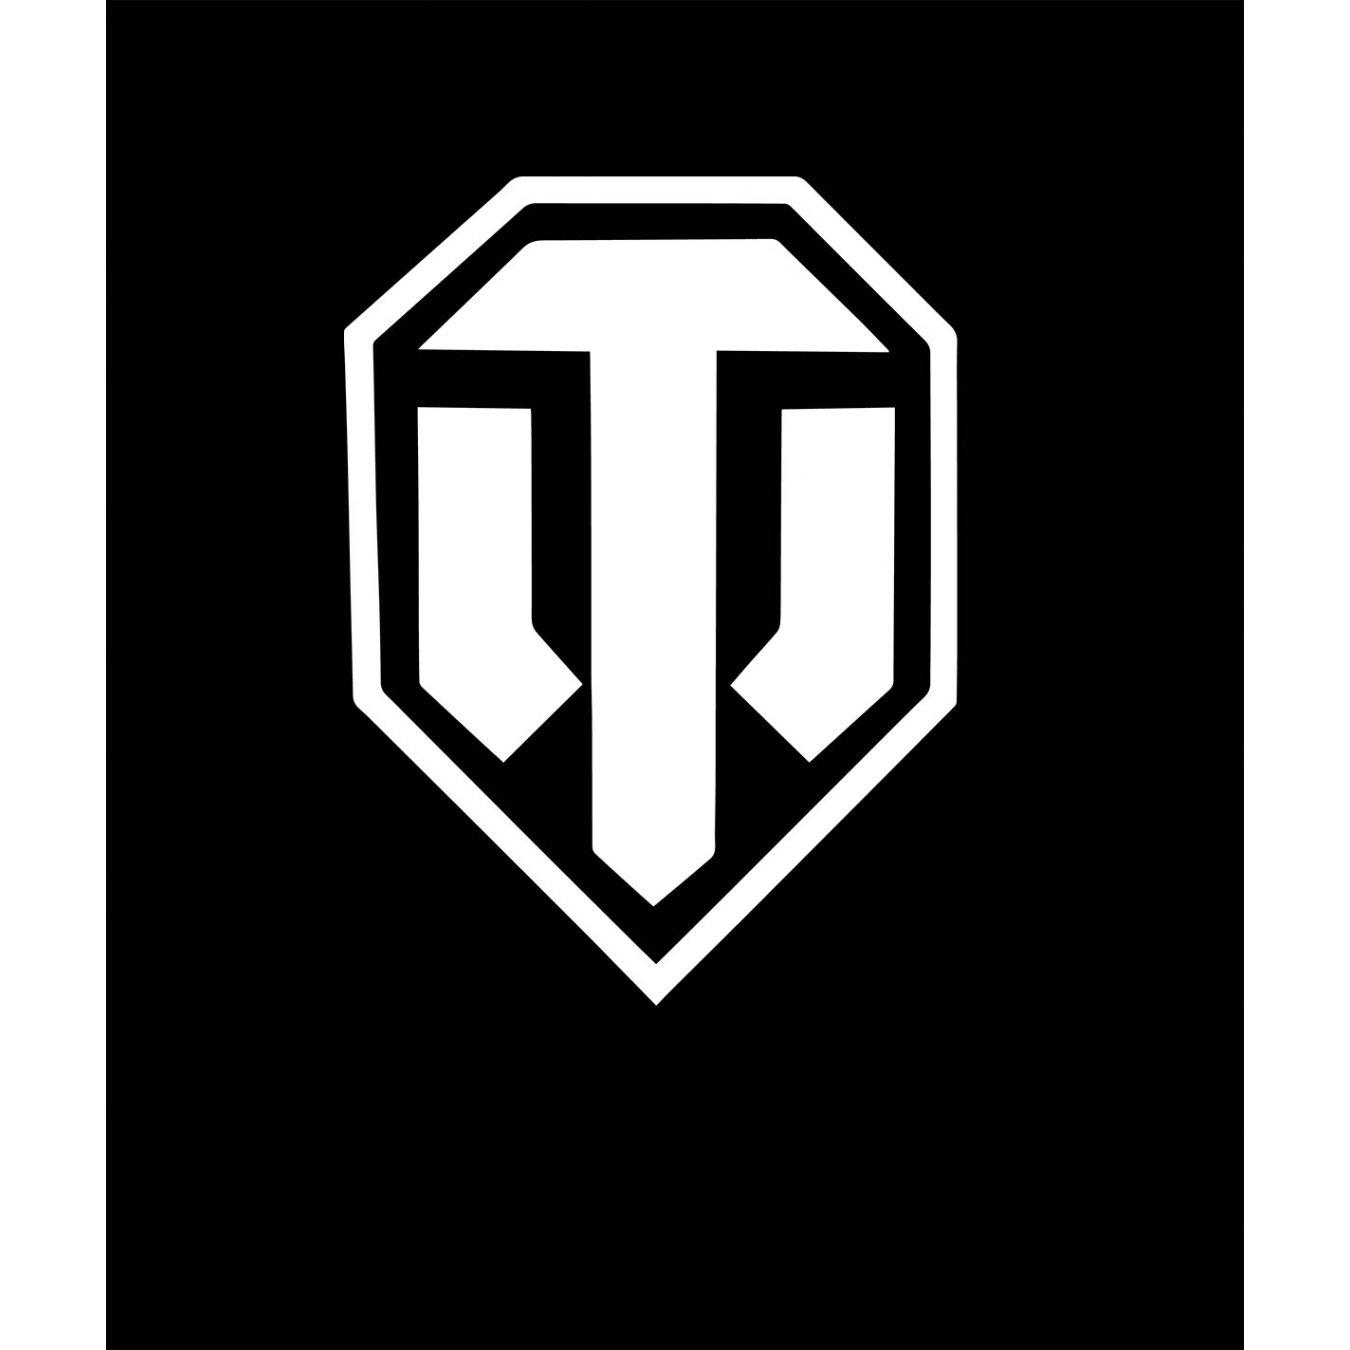 934b5ded376 Тениска World of Tanks ЧЕРНА - с логото в БЯЛО в Тематични тениски | в Tee